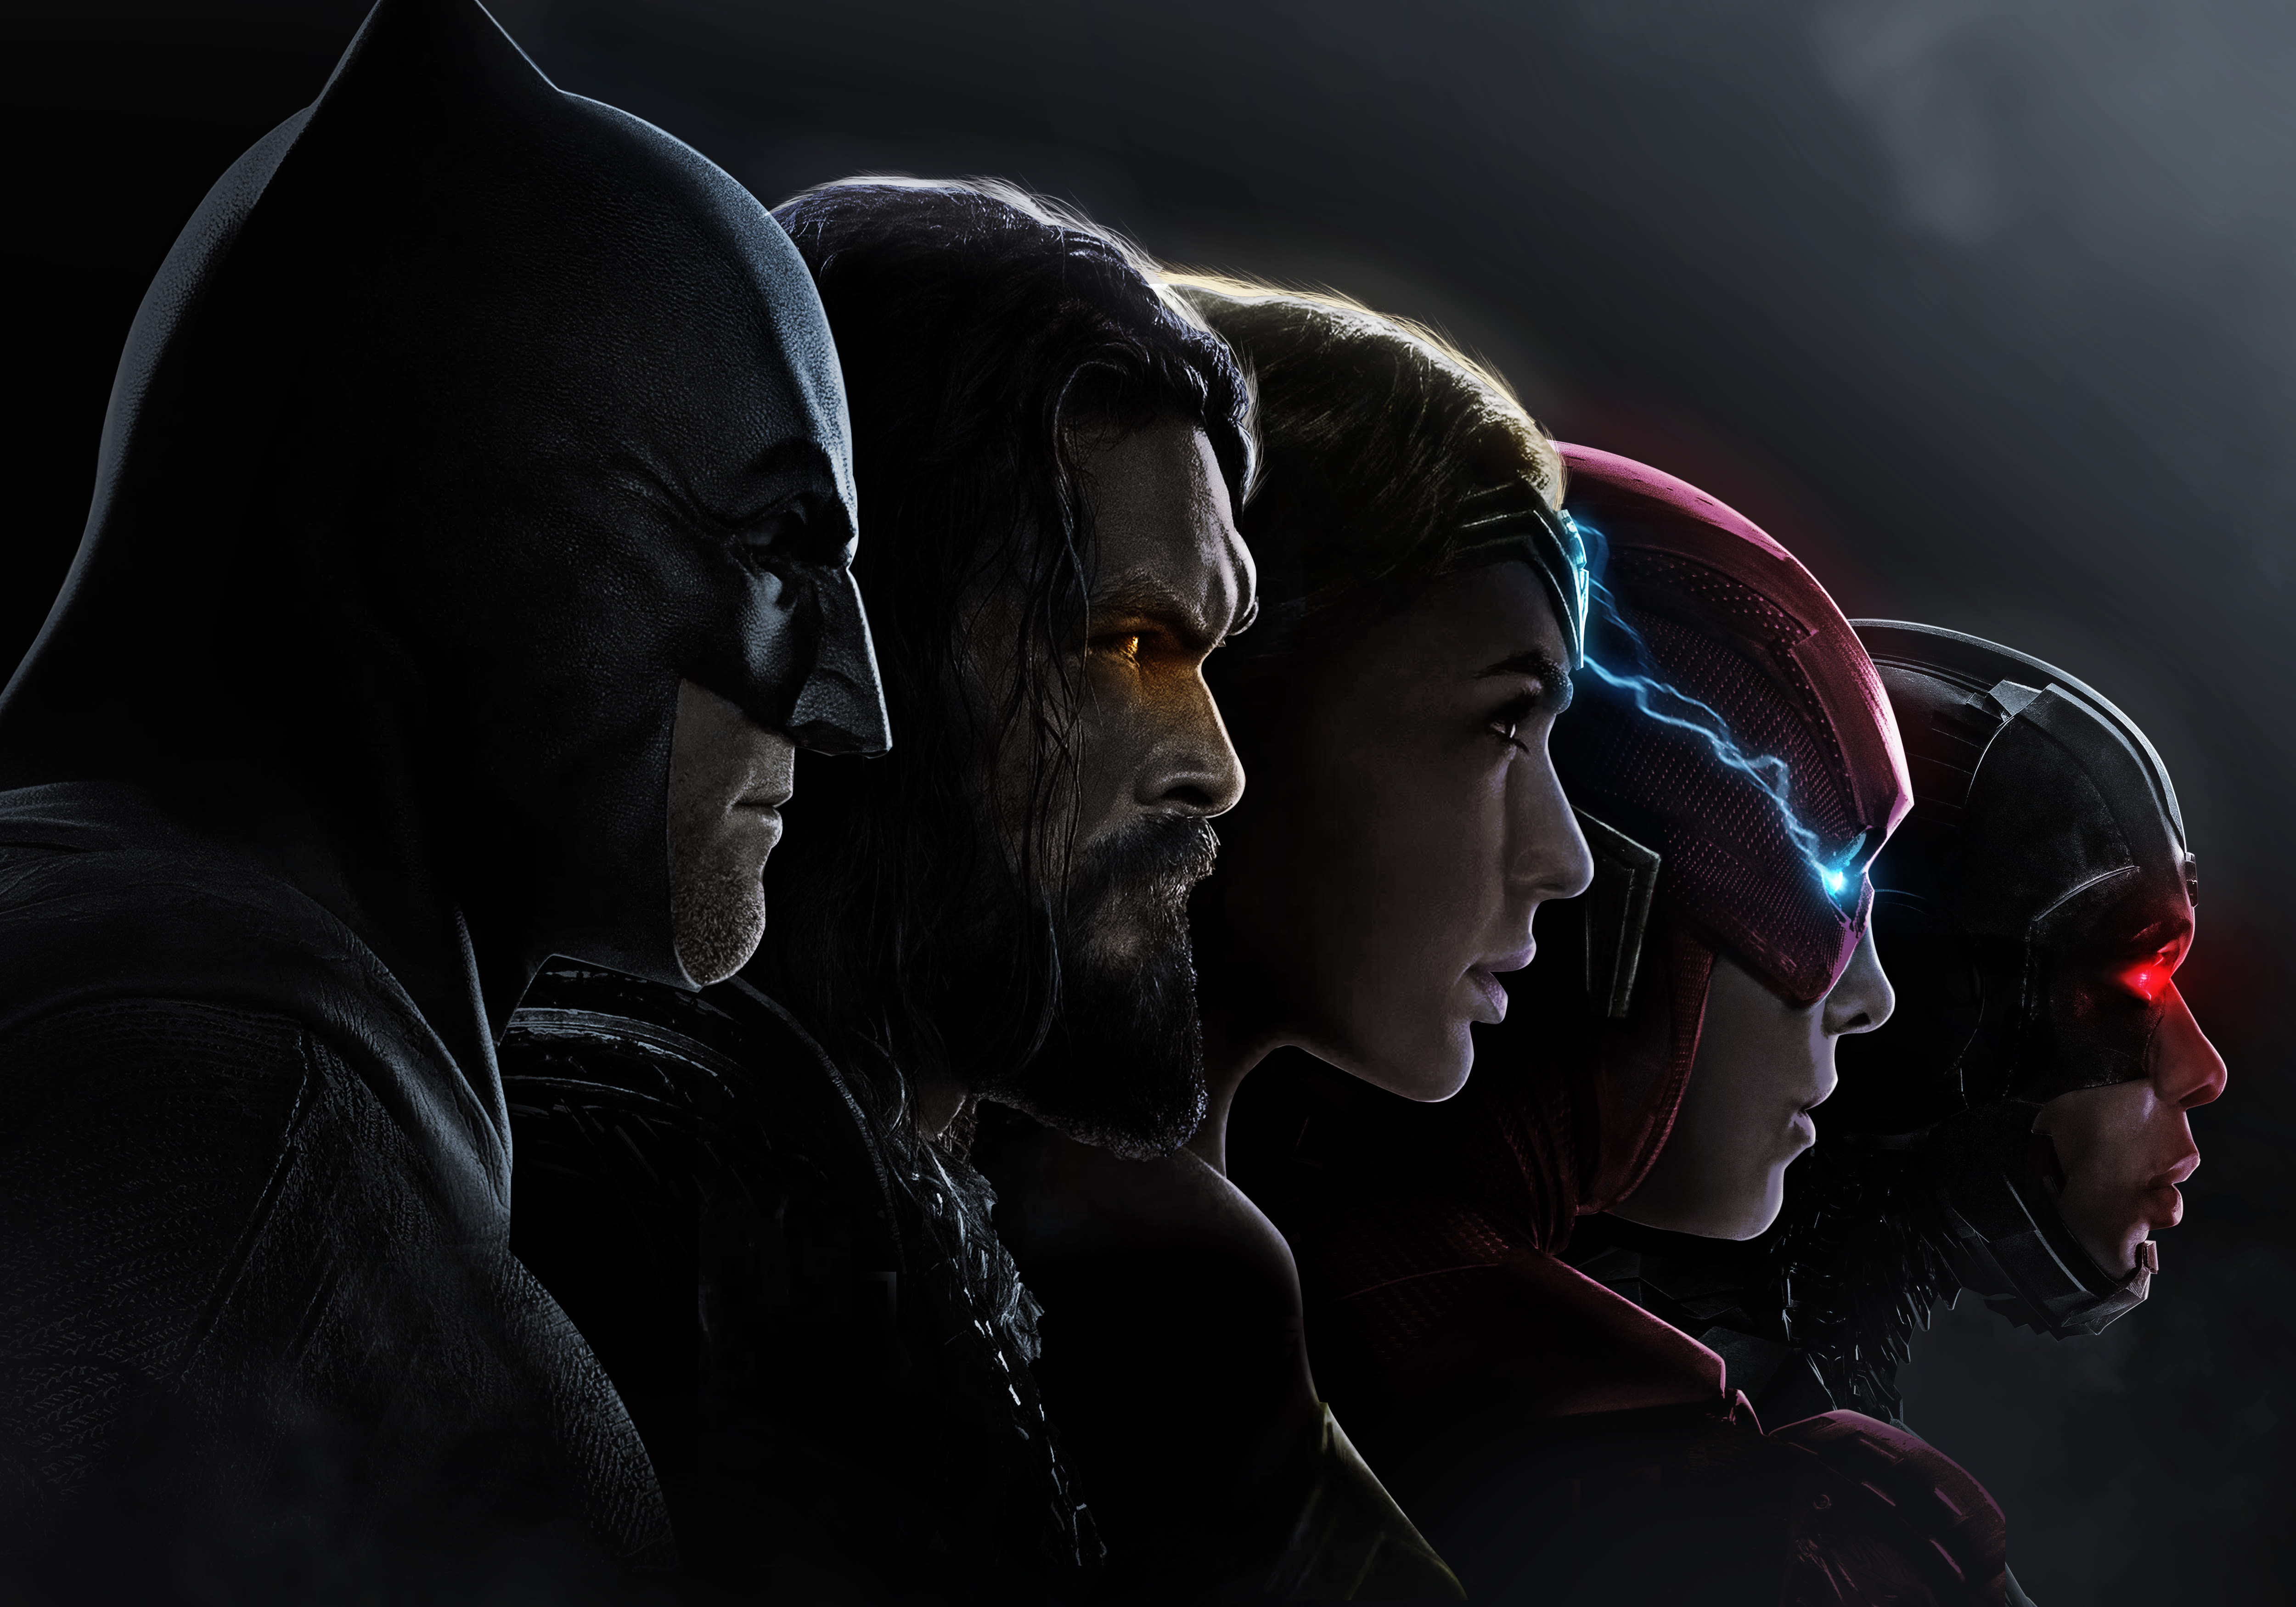 Justice League 4k Wallpaper Batman Aquaman Wonder Woman The Flash Cyborg Dc Comics Black Dark 1649